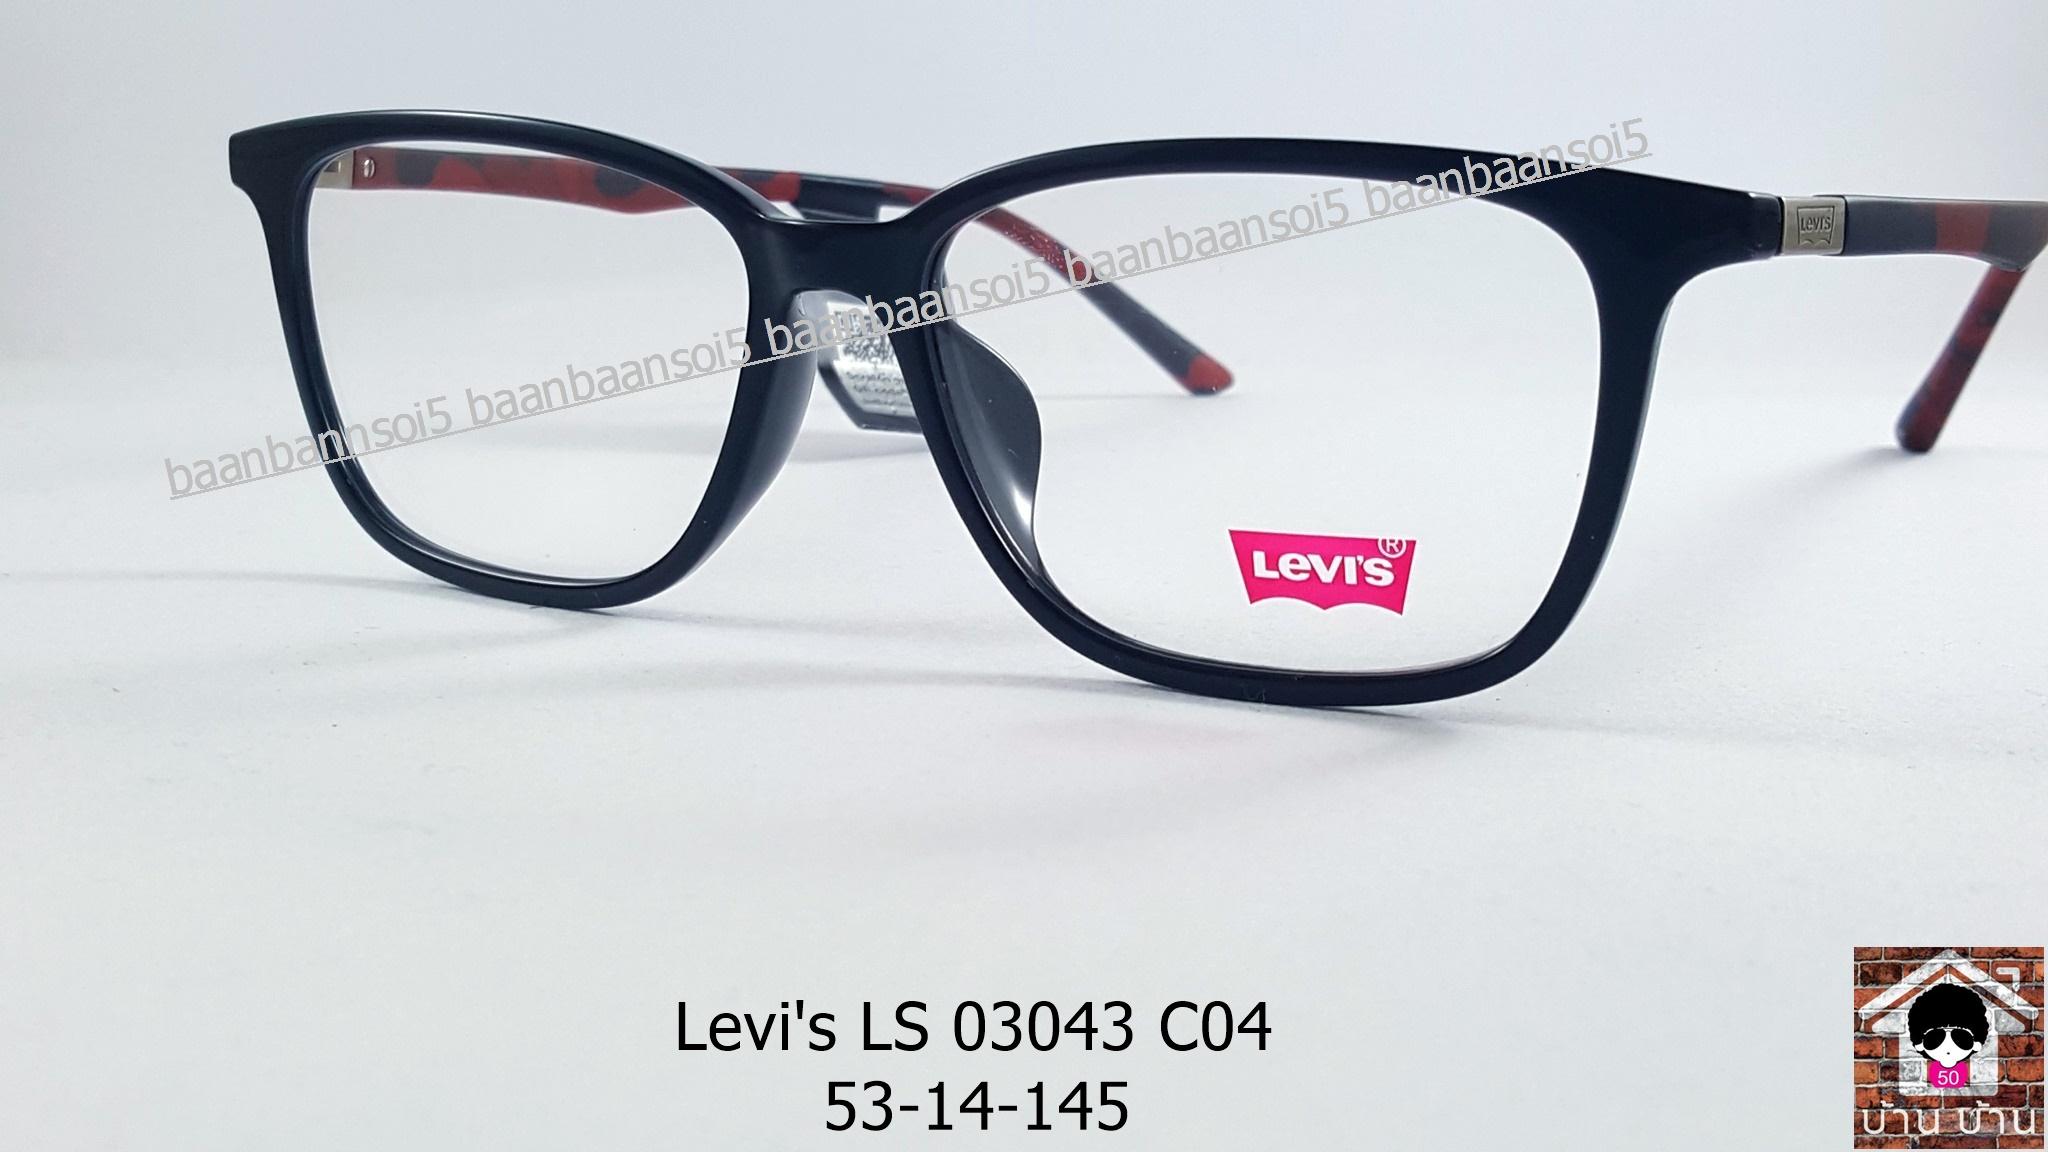 Levi's LS 03043 c04 โปรโมชั่น กรอบแว่นตาพร้อมเลนส์ HOYA ราคา 3,200 บาท